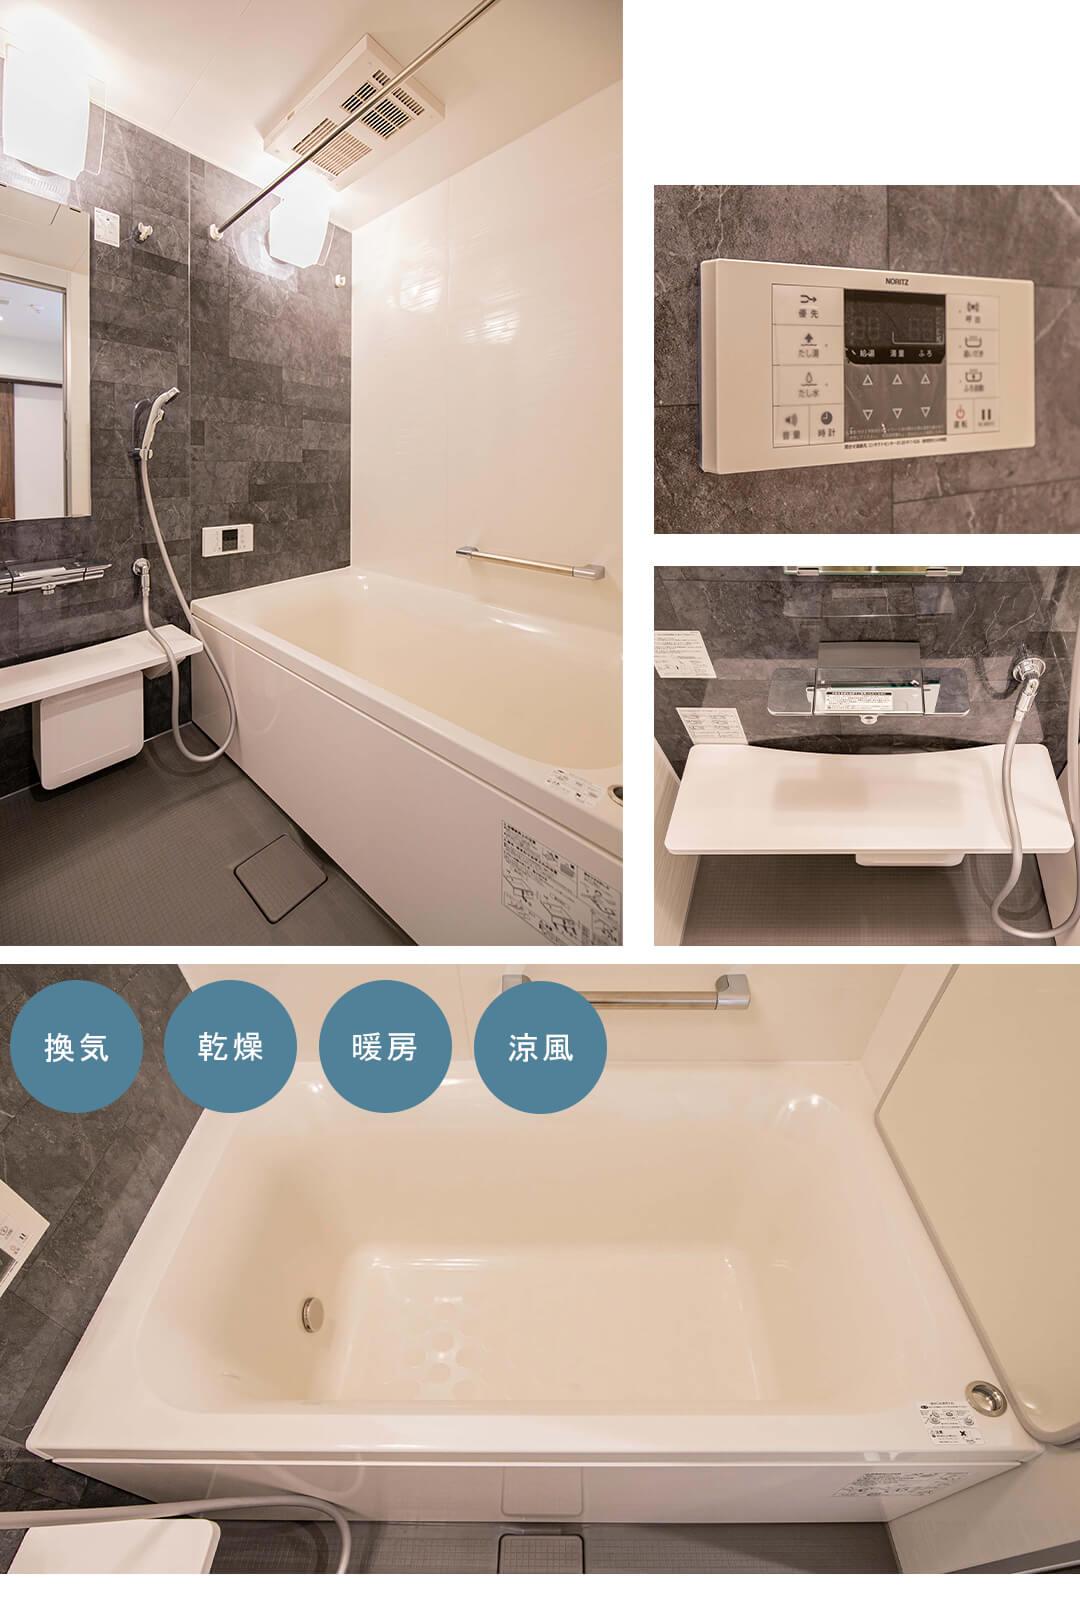 ニュー赤坂コーポラスの浴室